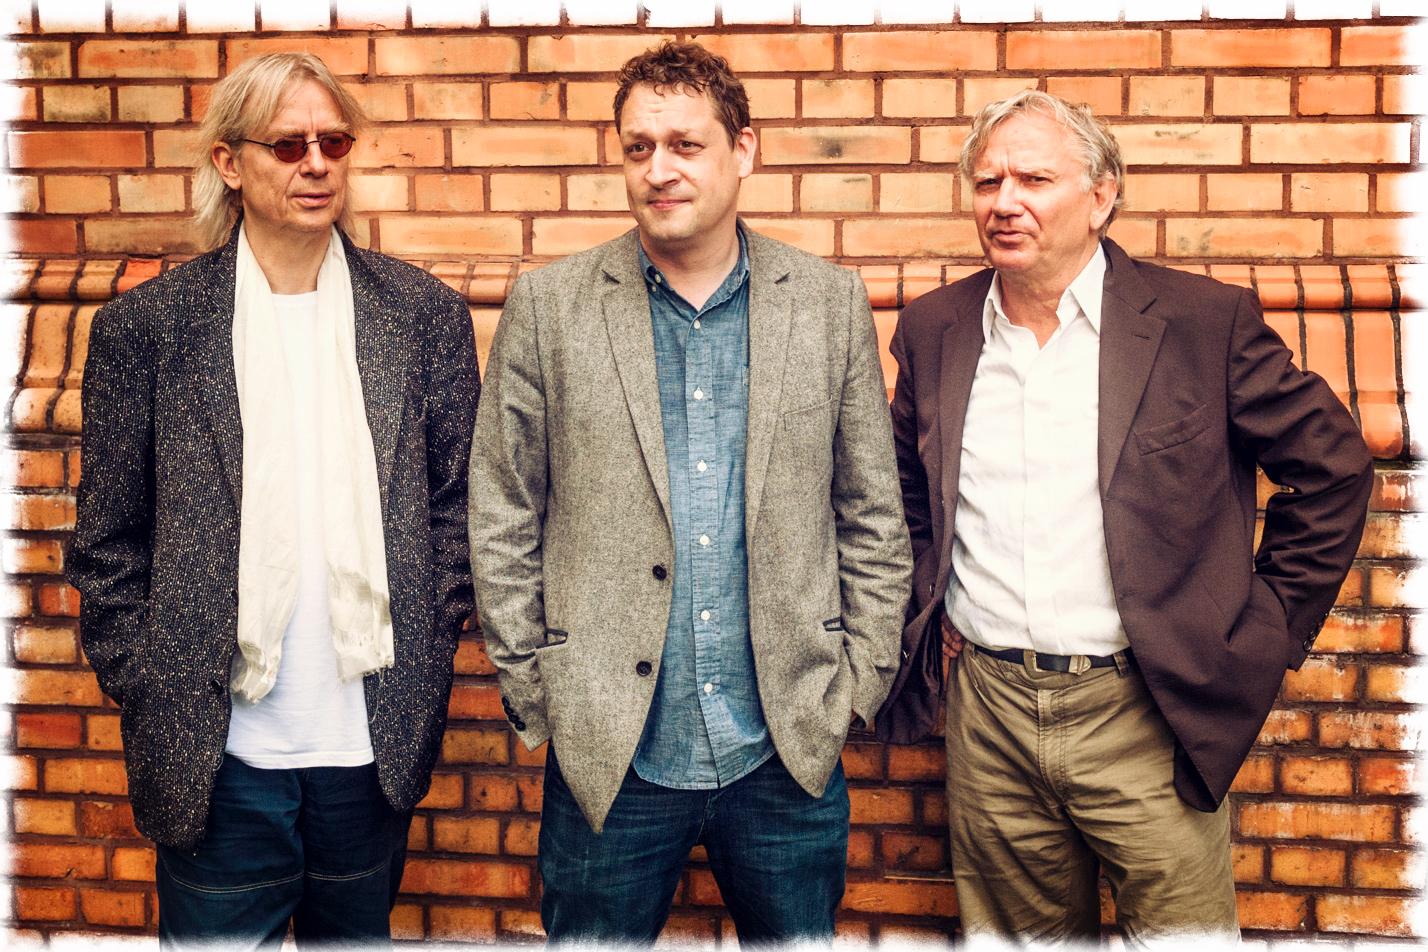 Drei Männer an einer Wand